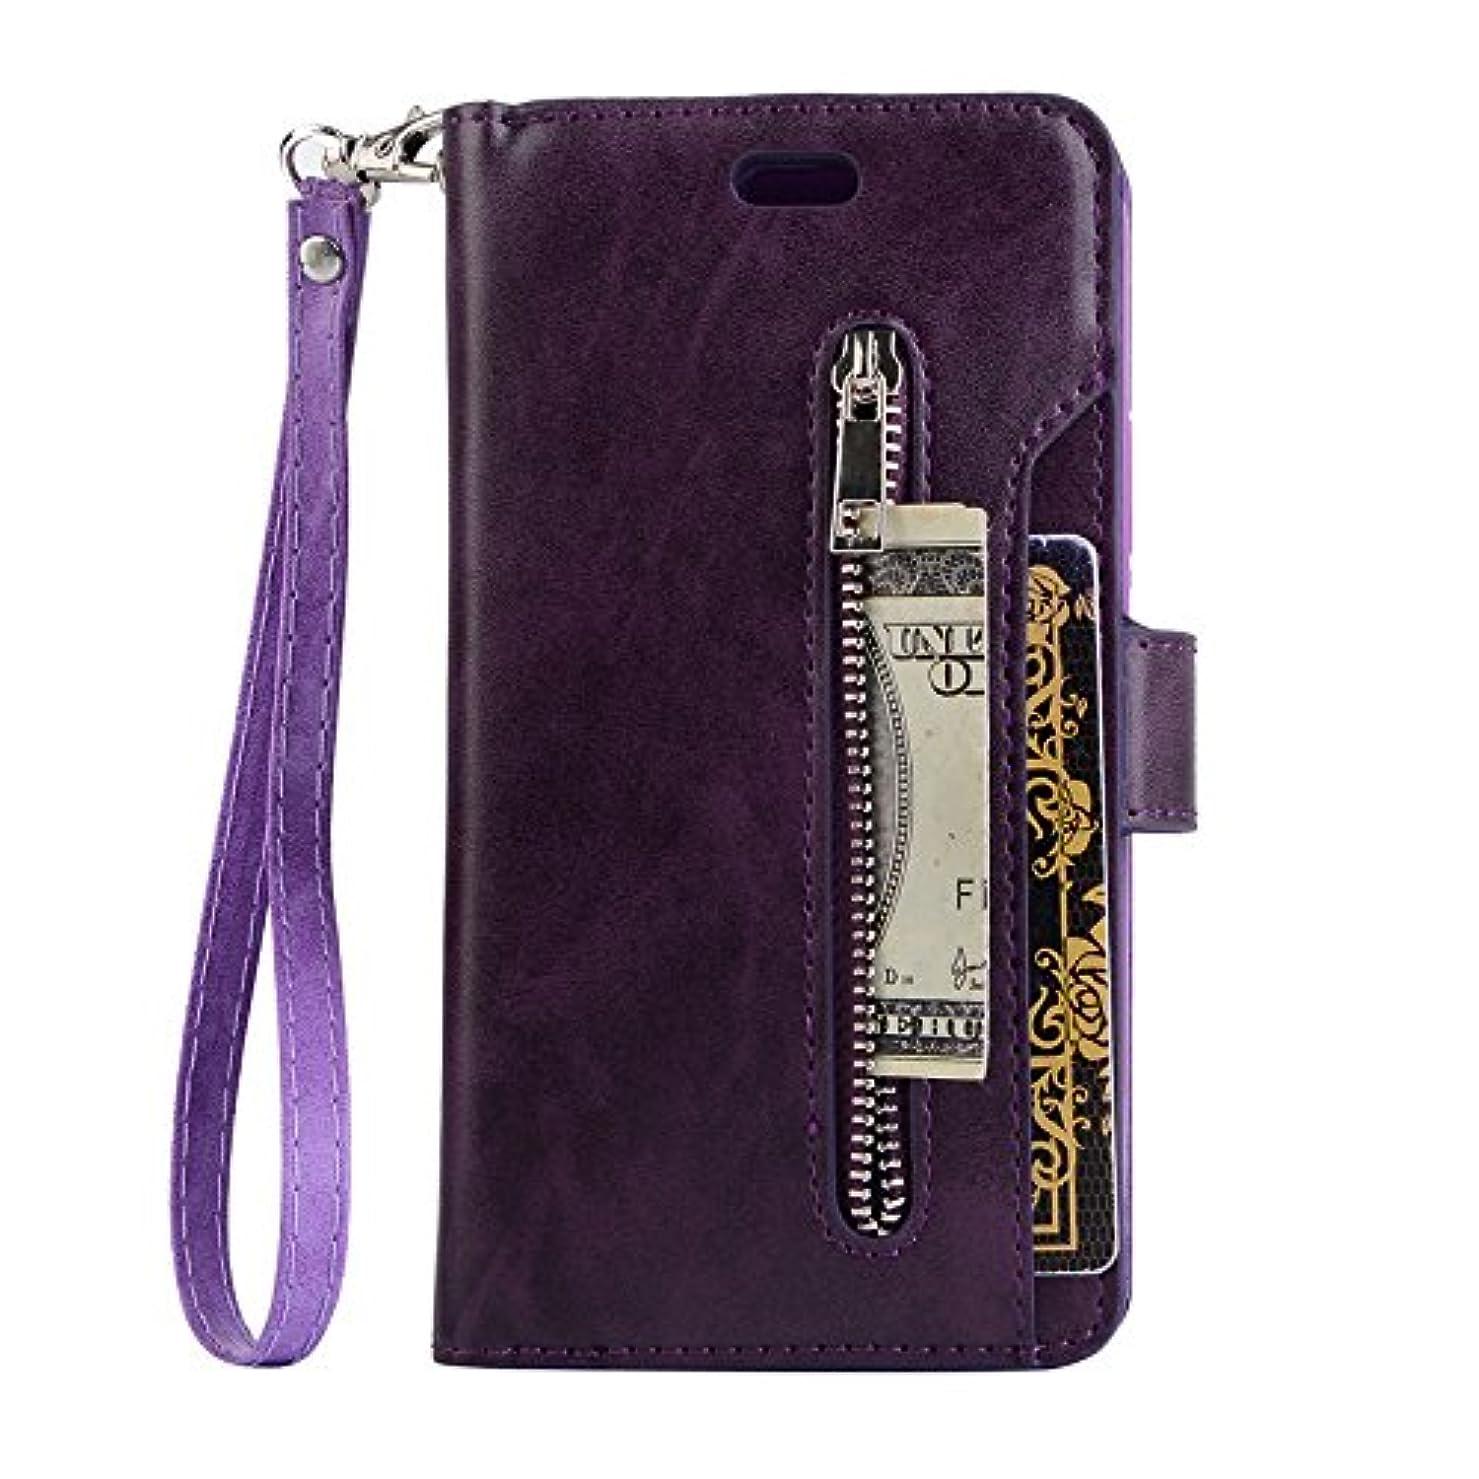 サイレン毛布妻Galaxy S9 ケース、INorton 本革ケース 全面保護 衝撃吸収 カード収納可能 分離式カバー 手帳型 スマートケース Galaxy S9対応